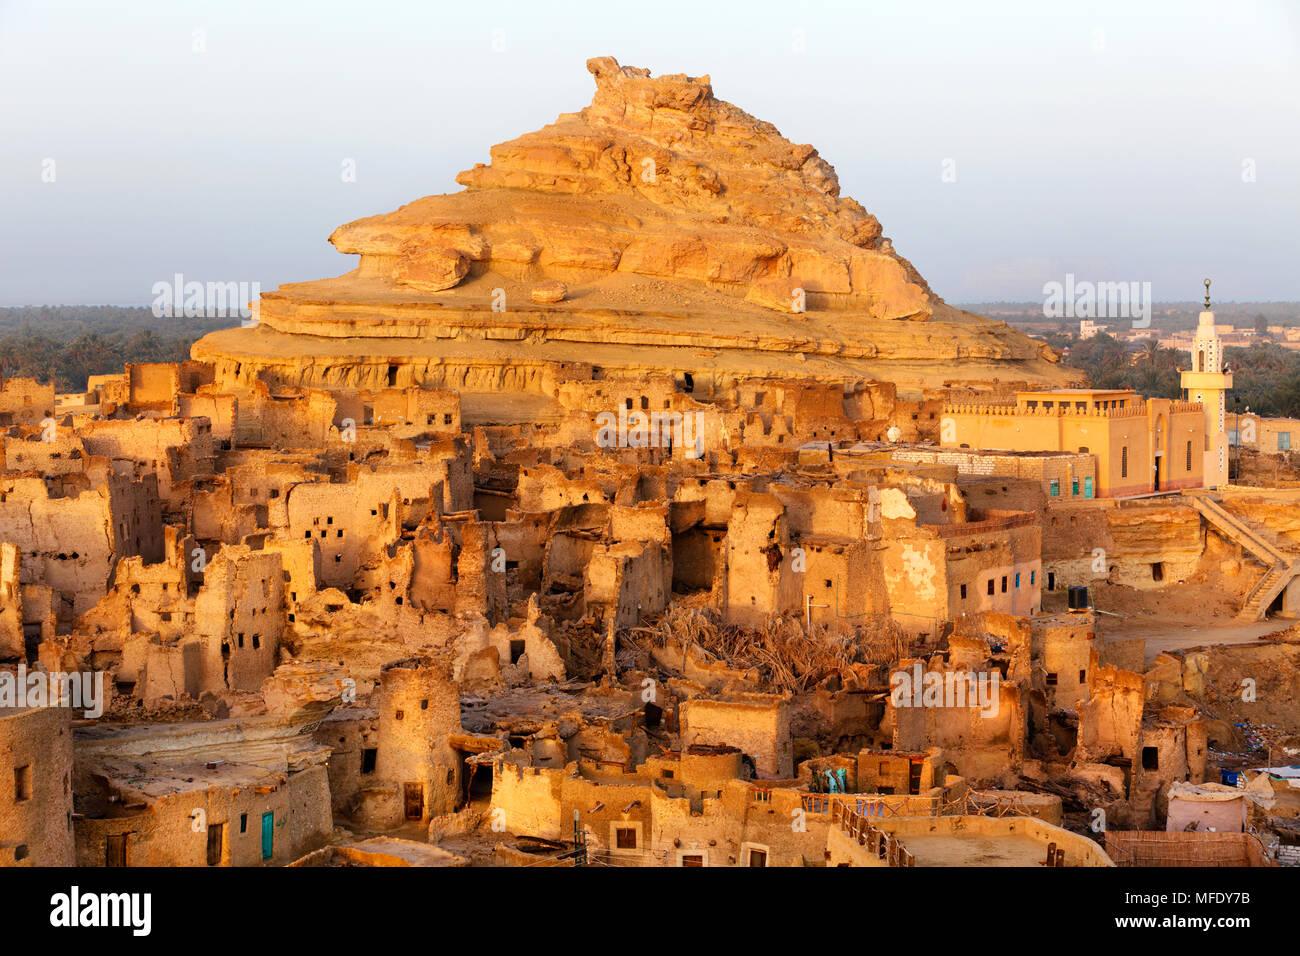 Vista de las ruinas de la fortaleza de Shali Siwah en el oasis en el desierto del Sahara en Egipto Imagen De Stock